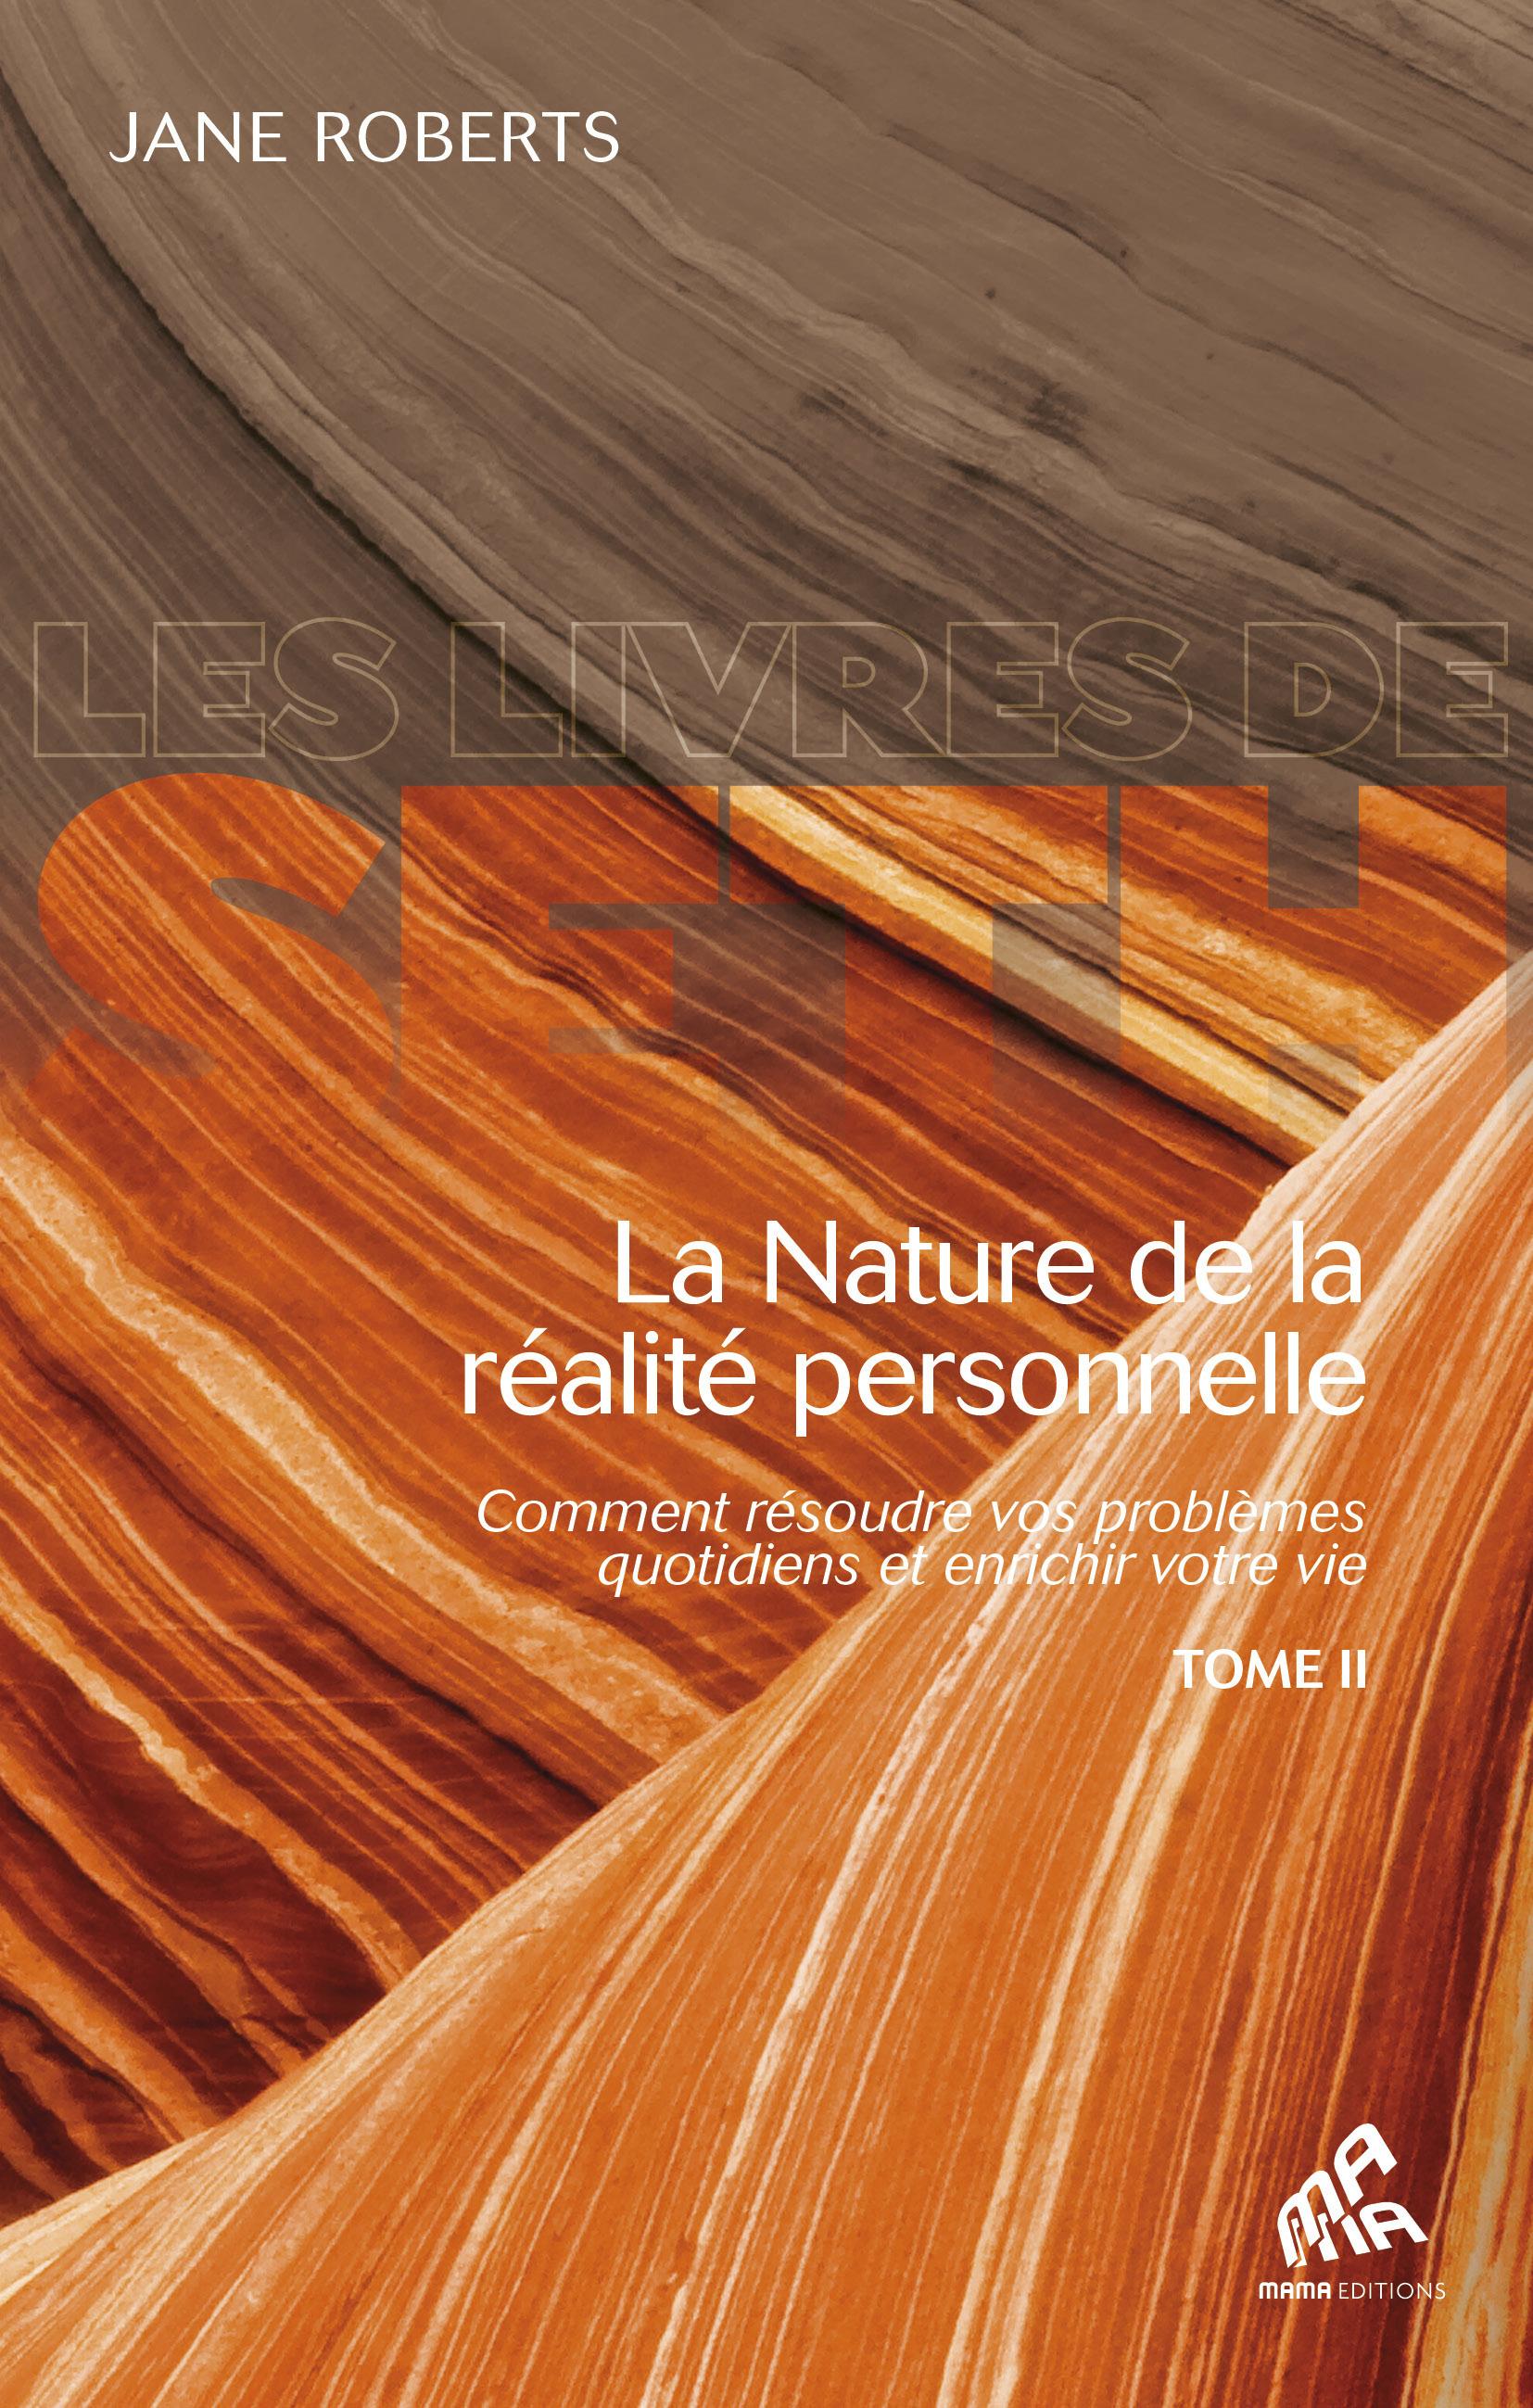 La nature de la réalité personnelle ; comment résoudre vos problèmes quotidiens et enrichir votre vie t.2